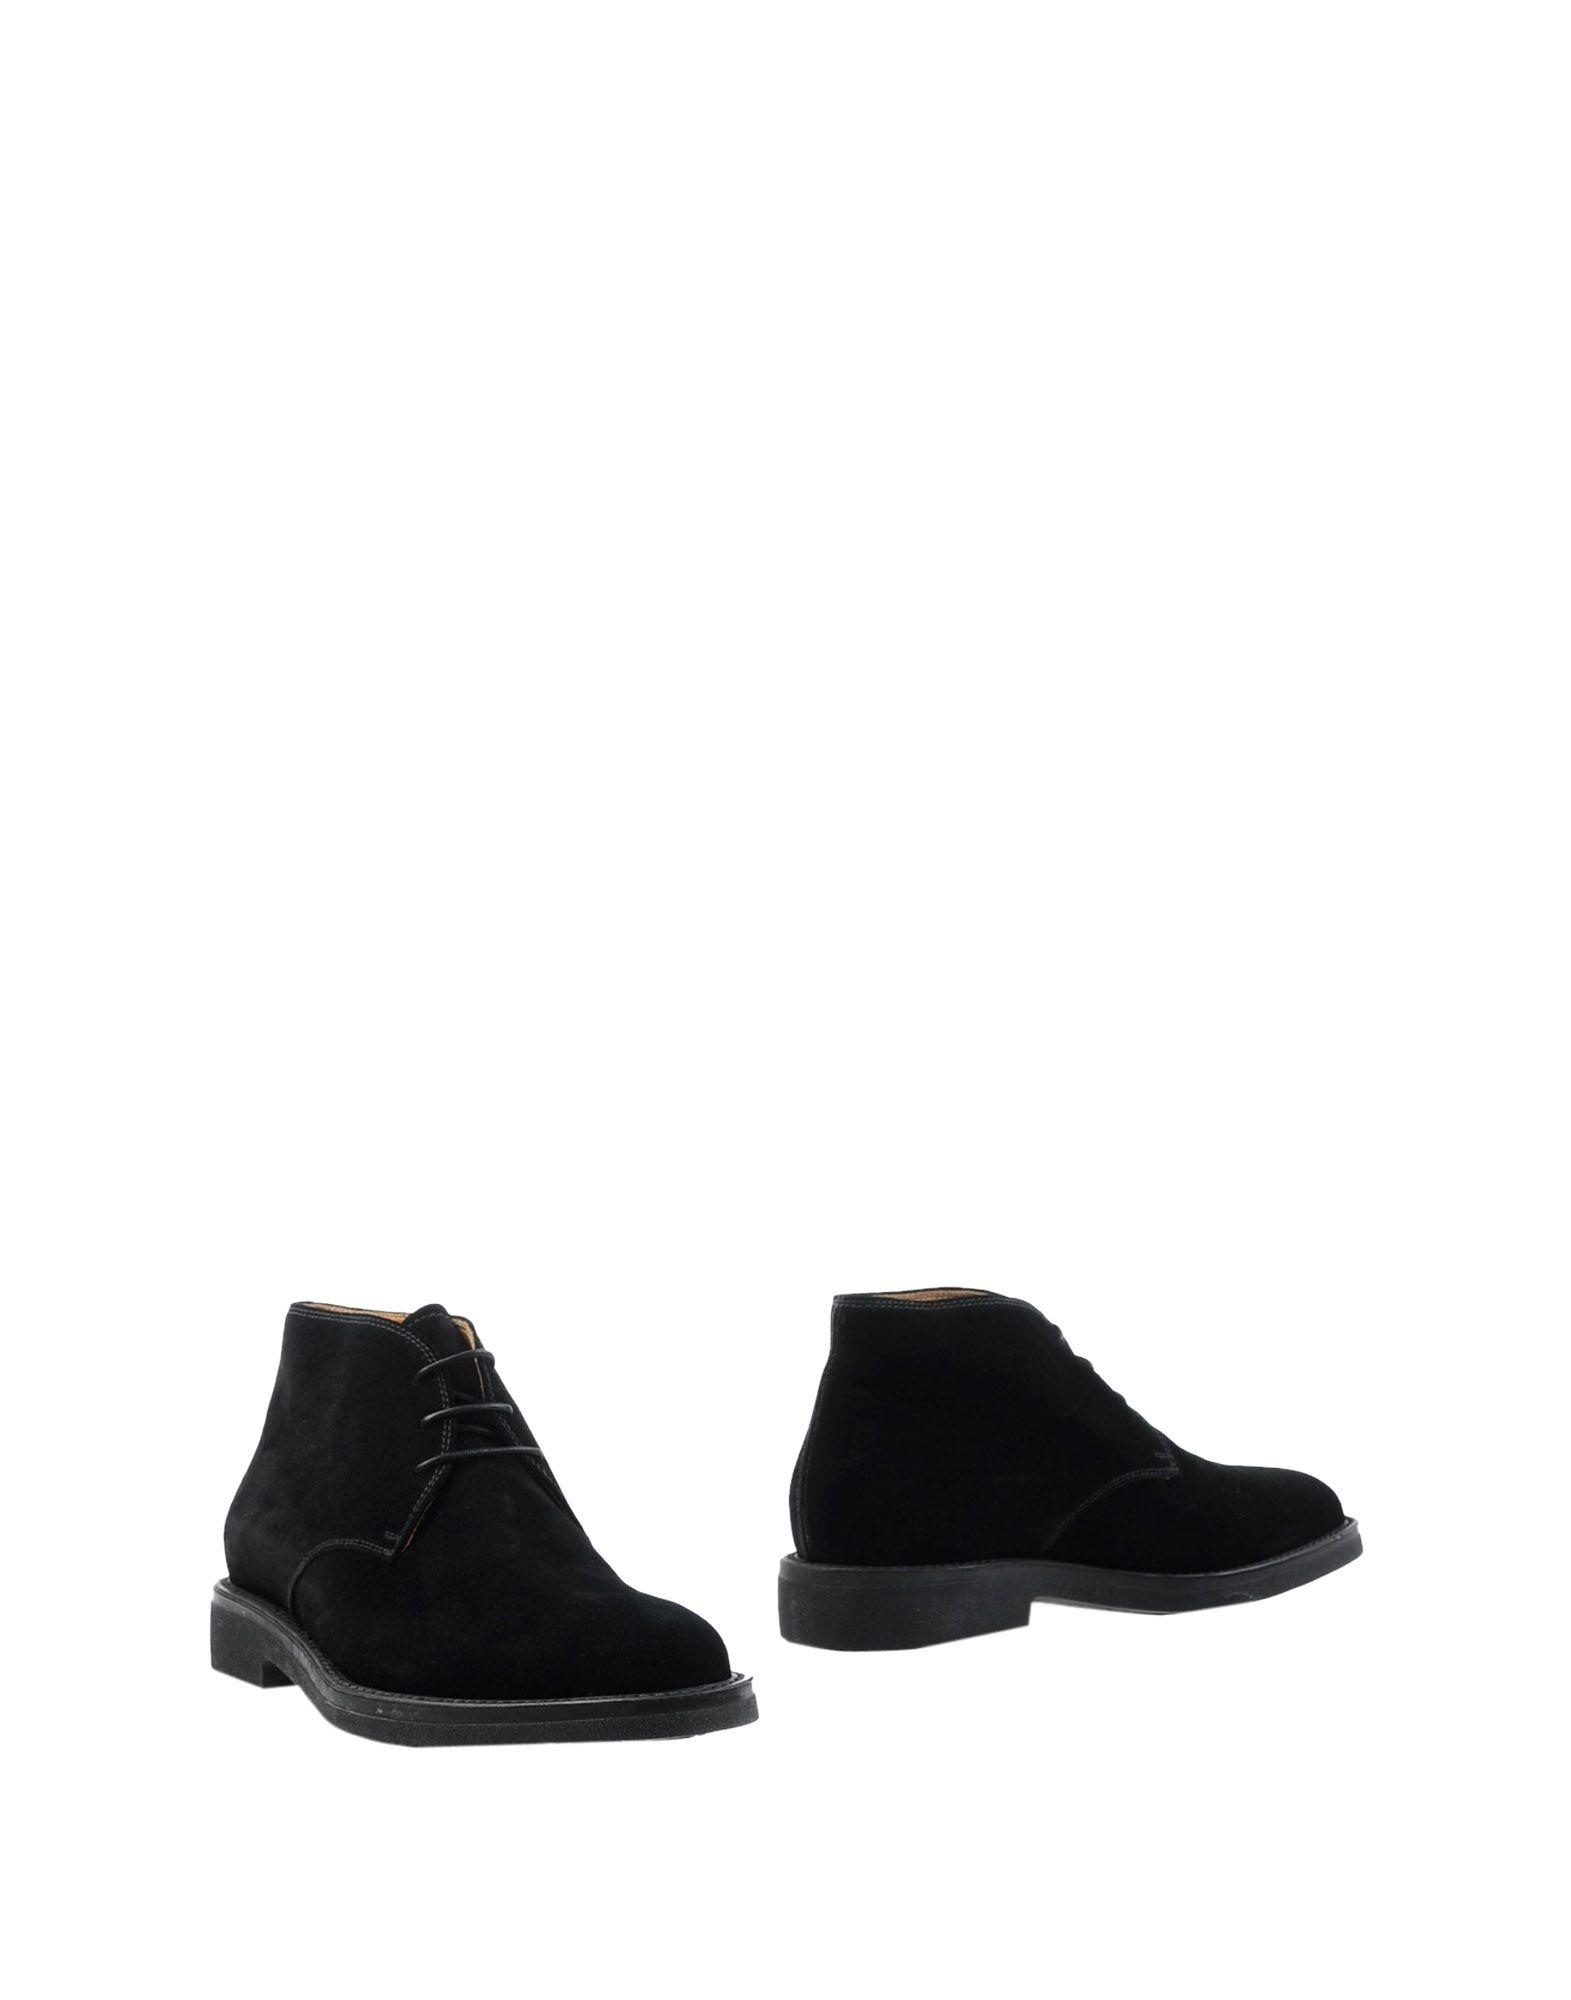 BARRETT Boots in Black